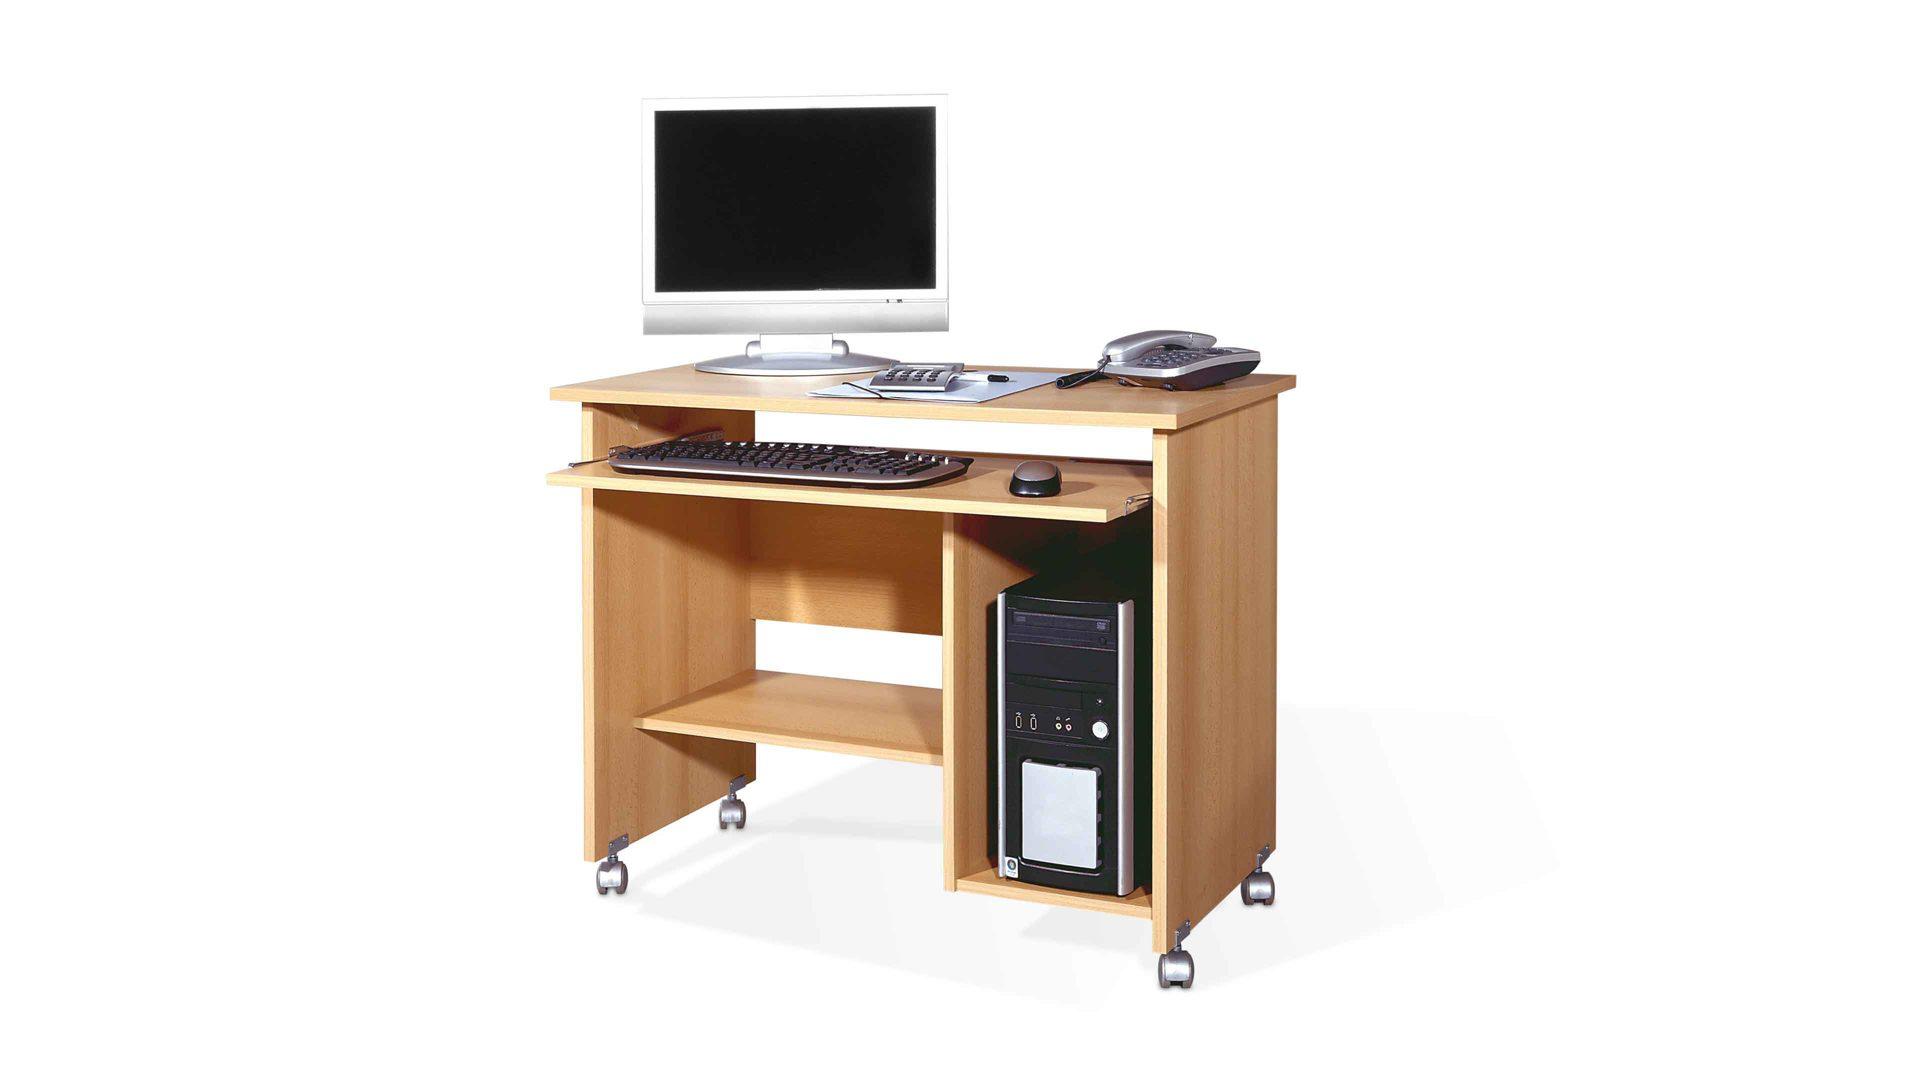 Computertisch Germania Aus Holz In Holzfarben Computertisch Auf Rollen Für  Ihre Büroeinrichtung Buchefarbene Kunststoffoberflächen